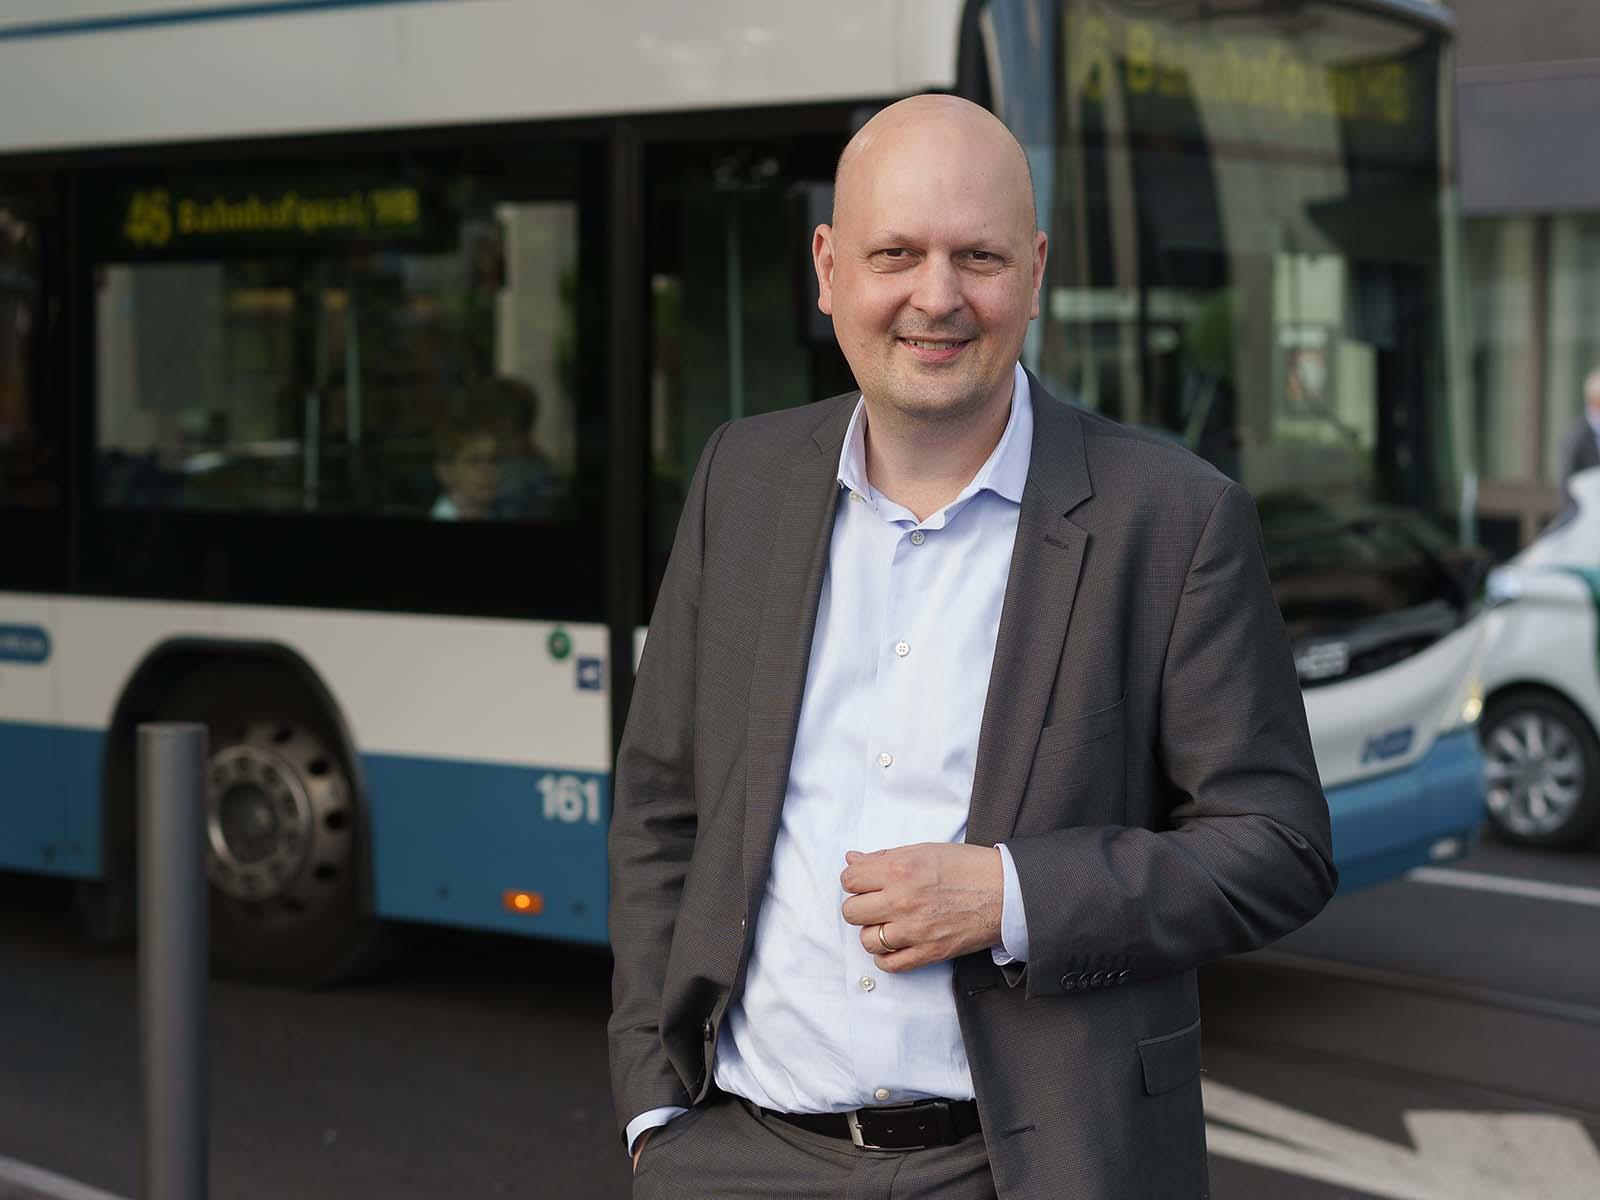 Stadtrat Michael Baumer wünscht sich einen Ausbau-, statt Abbau des öffentlichen Verkehrs.